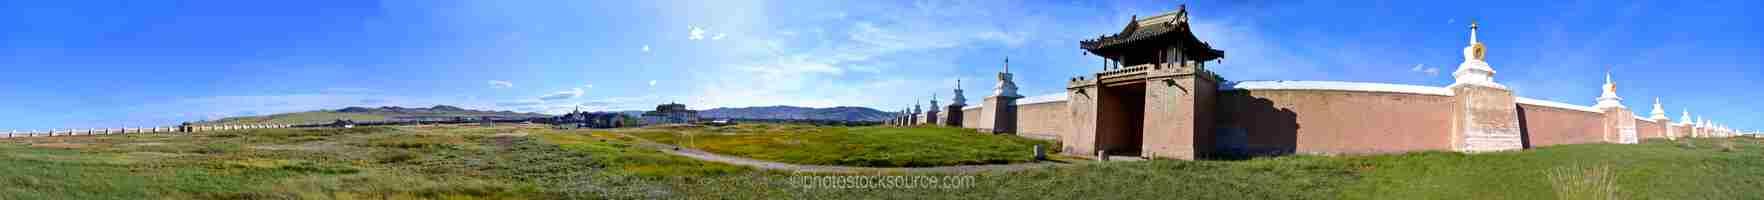 Erdene Zuu West Gate and Walls